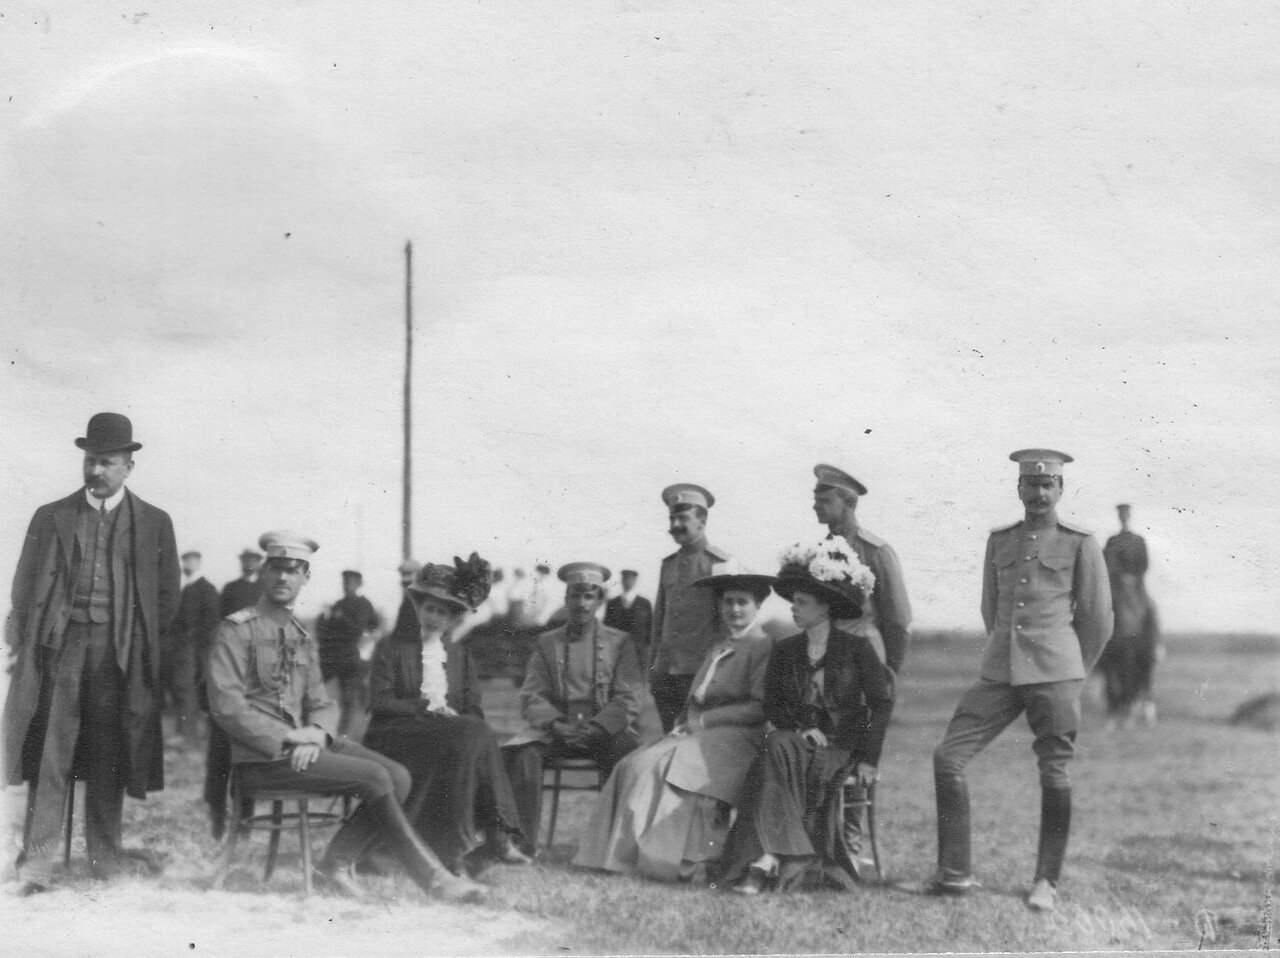 Группа военных у финиша пробега